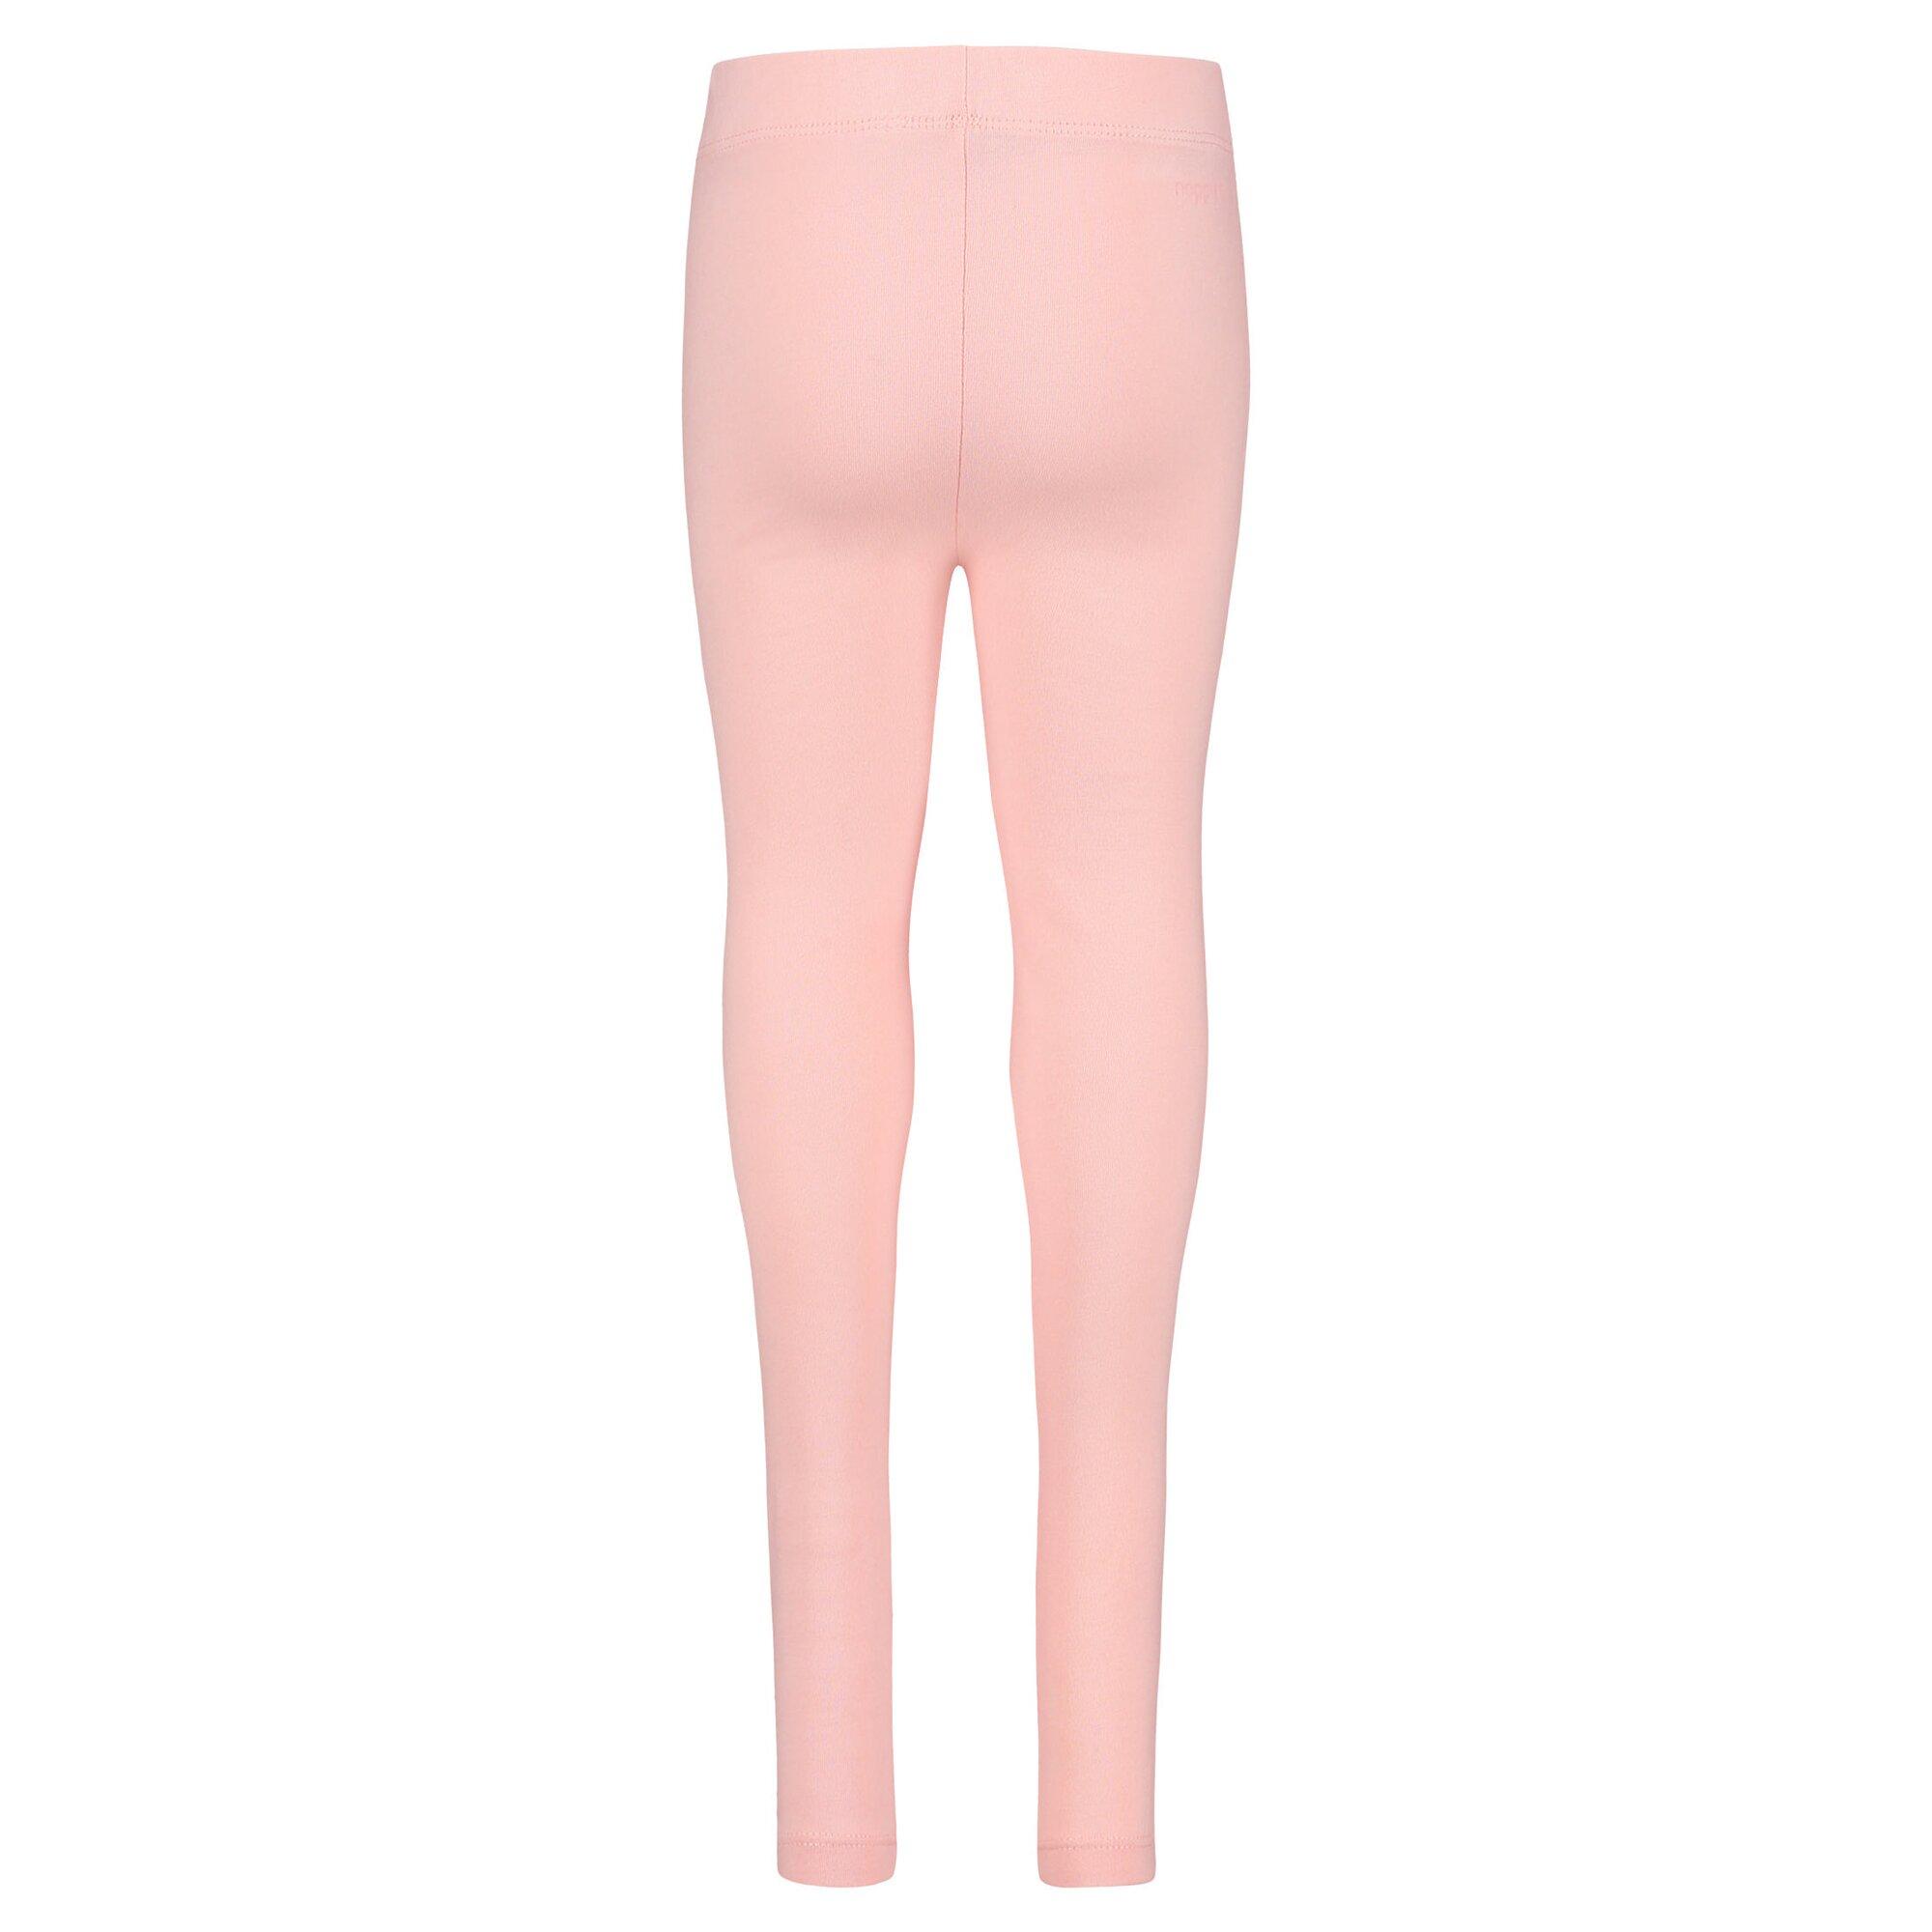 noppies-leggings-sutton